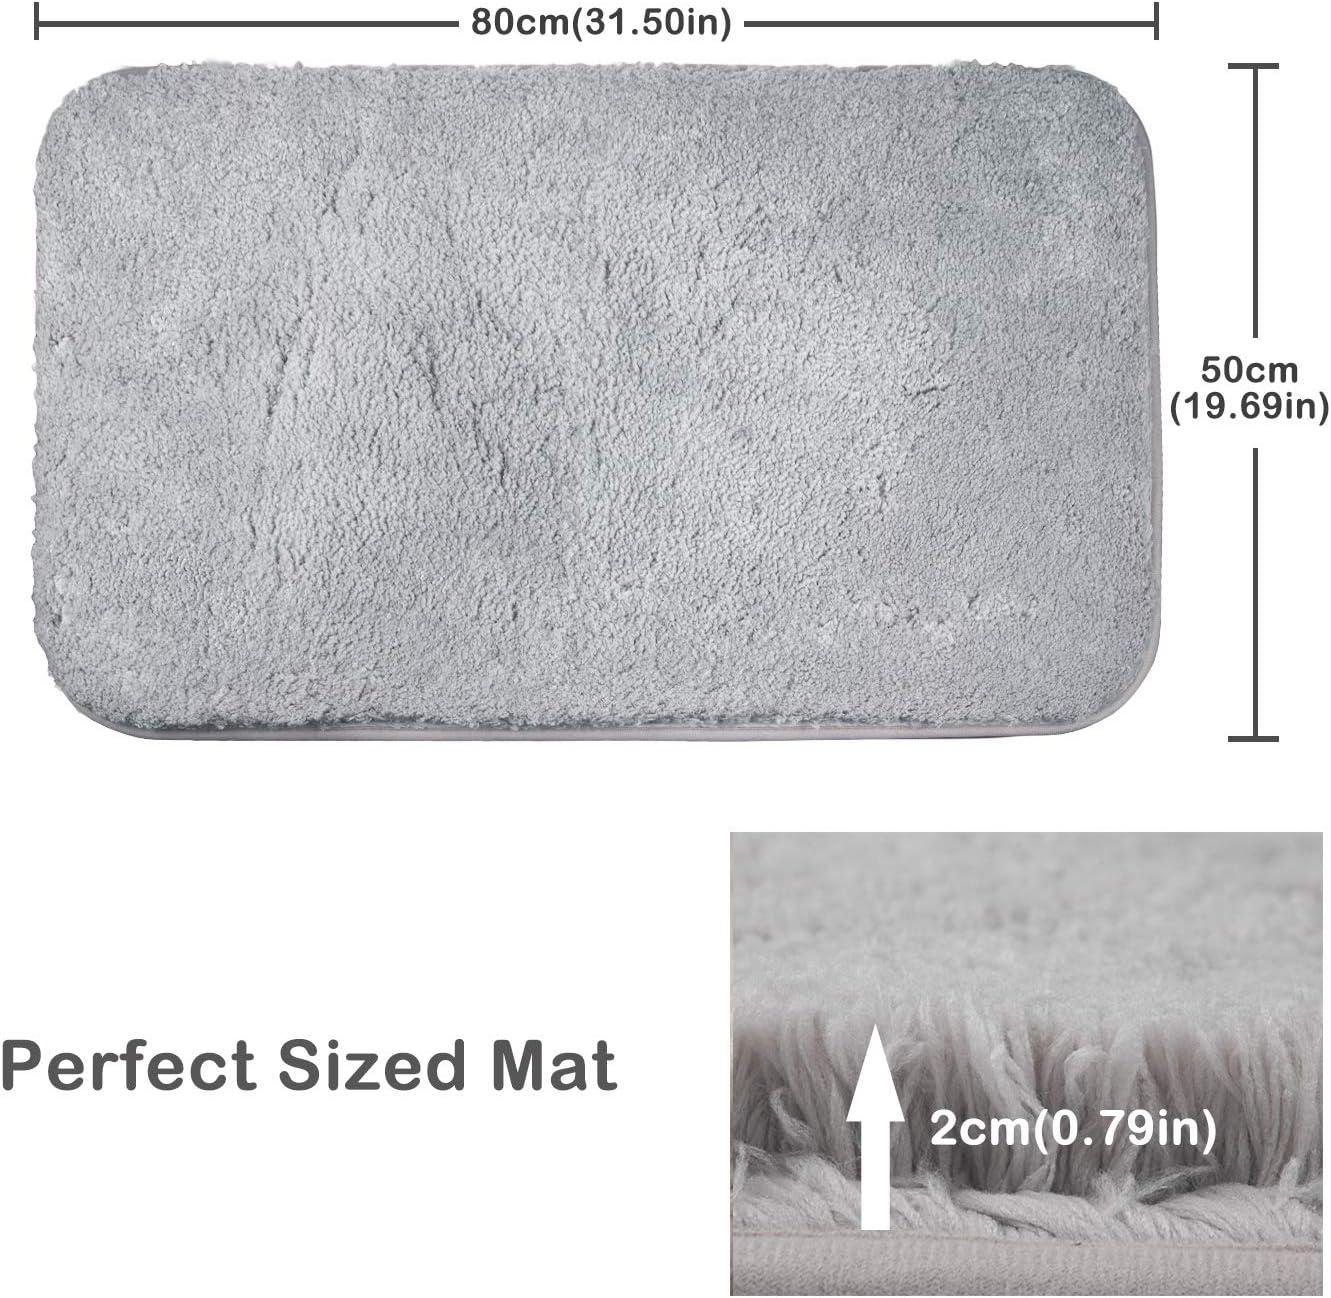 Tappetino Lavabile in Lavatrice con Microfibre Morbide Assorbenti per Vasca FCSDETAIL Tappeti da Bagno a Pelo Lungo Antiscivolo 50X80 cm Doccia e Bagno